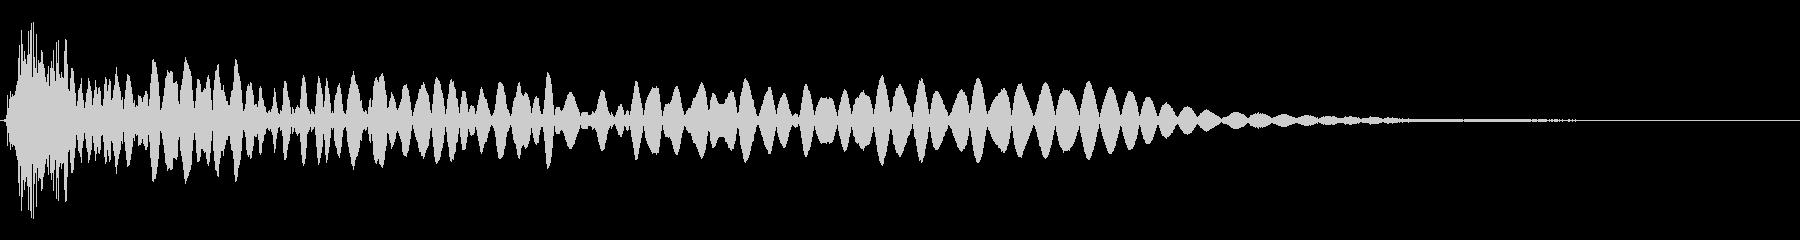 ディープシズルブームの影響の未再生の波形